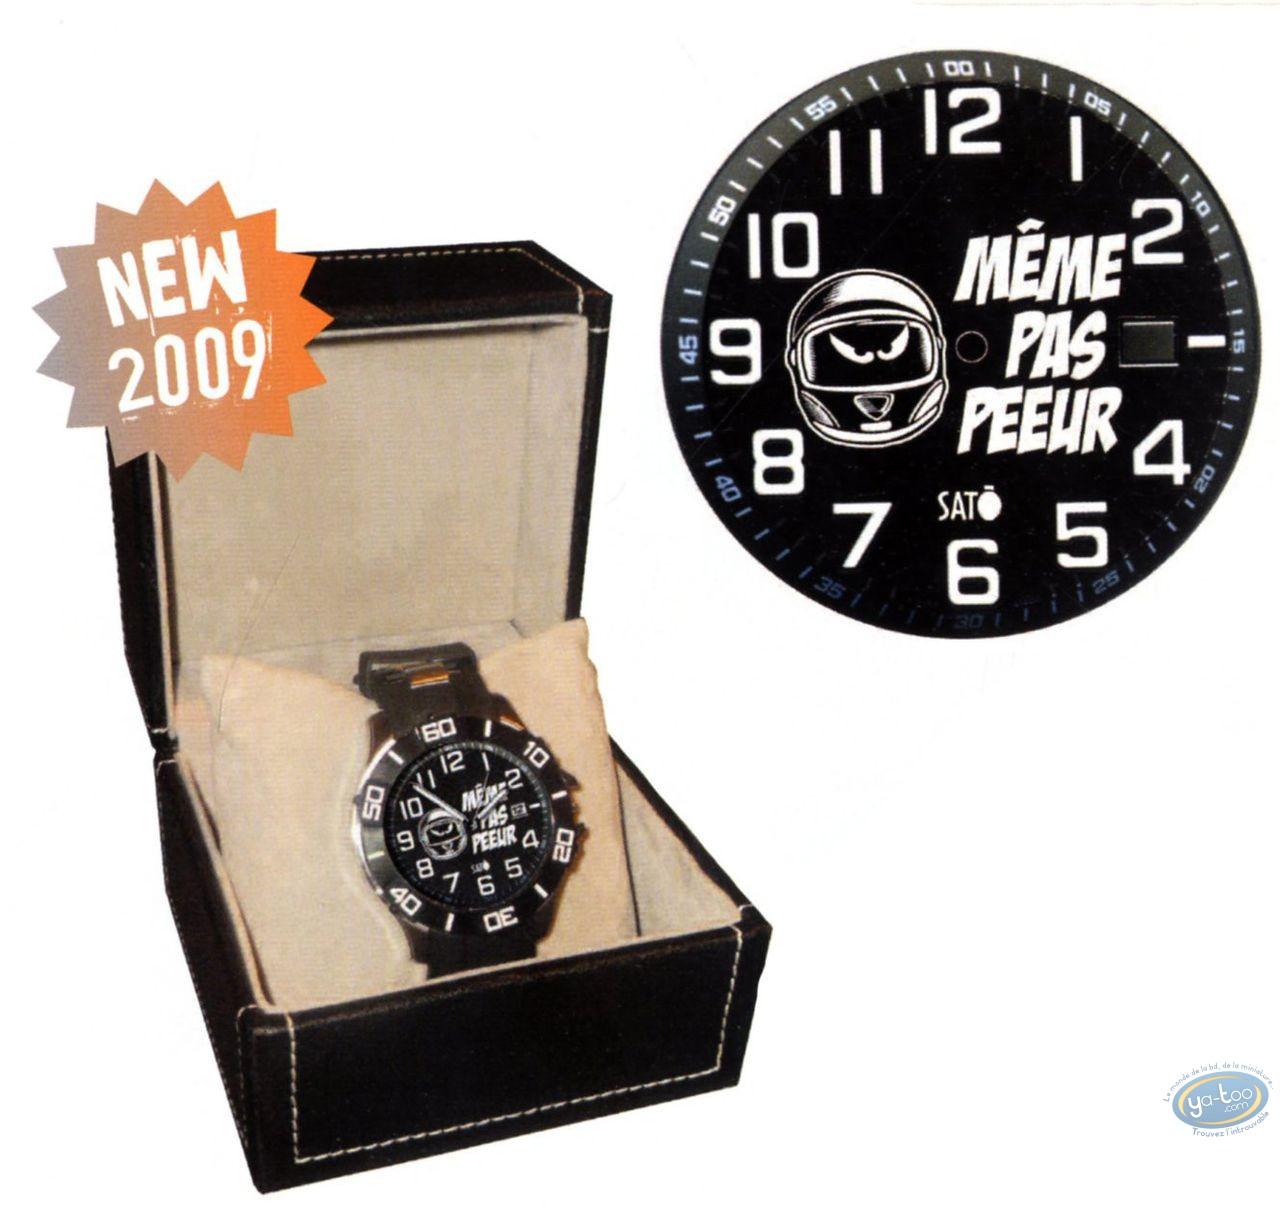 Horlogerie, Même pas Peeur : Montre, ZE MONTRE